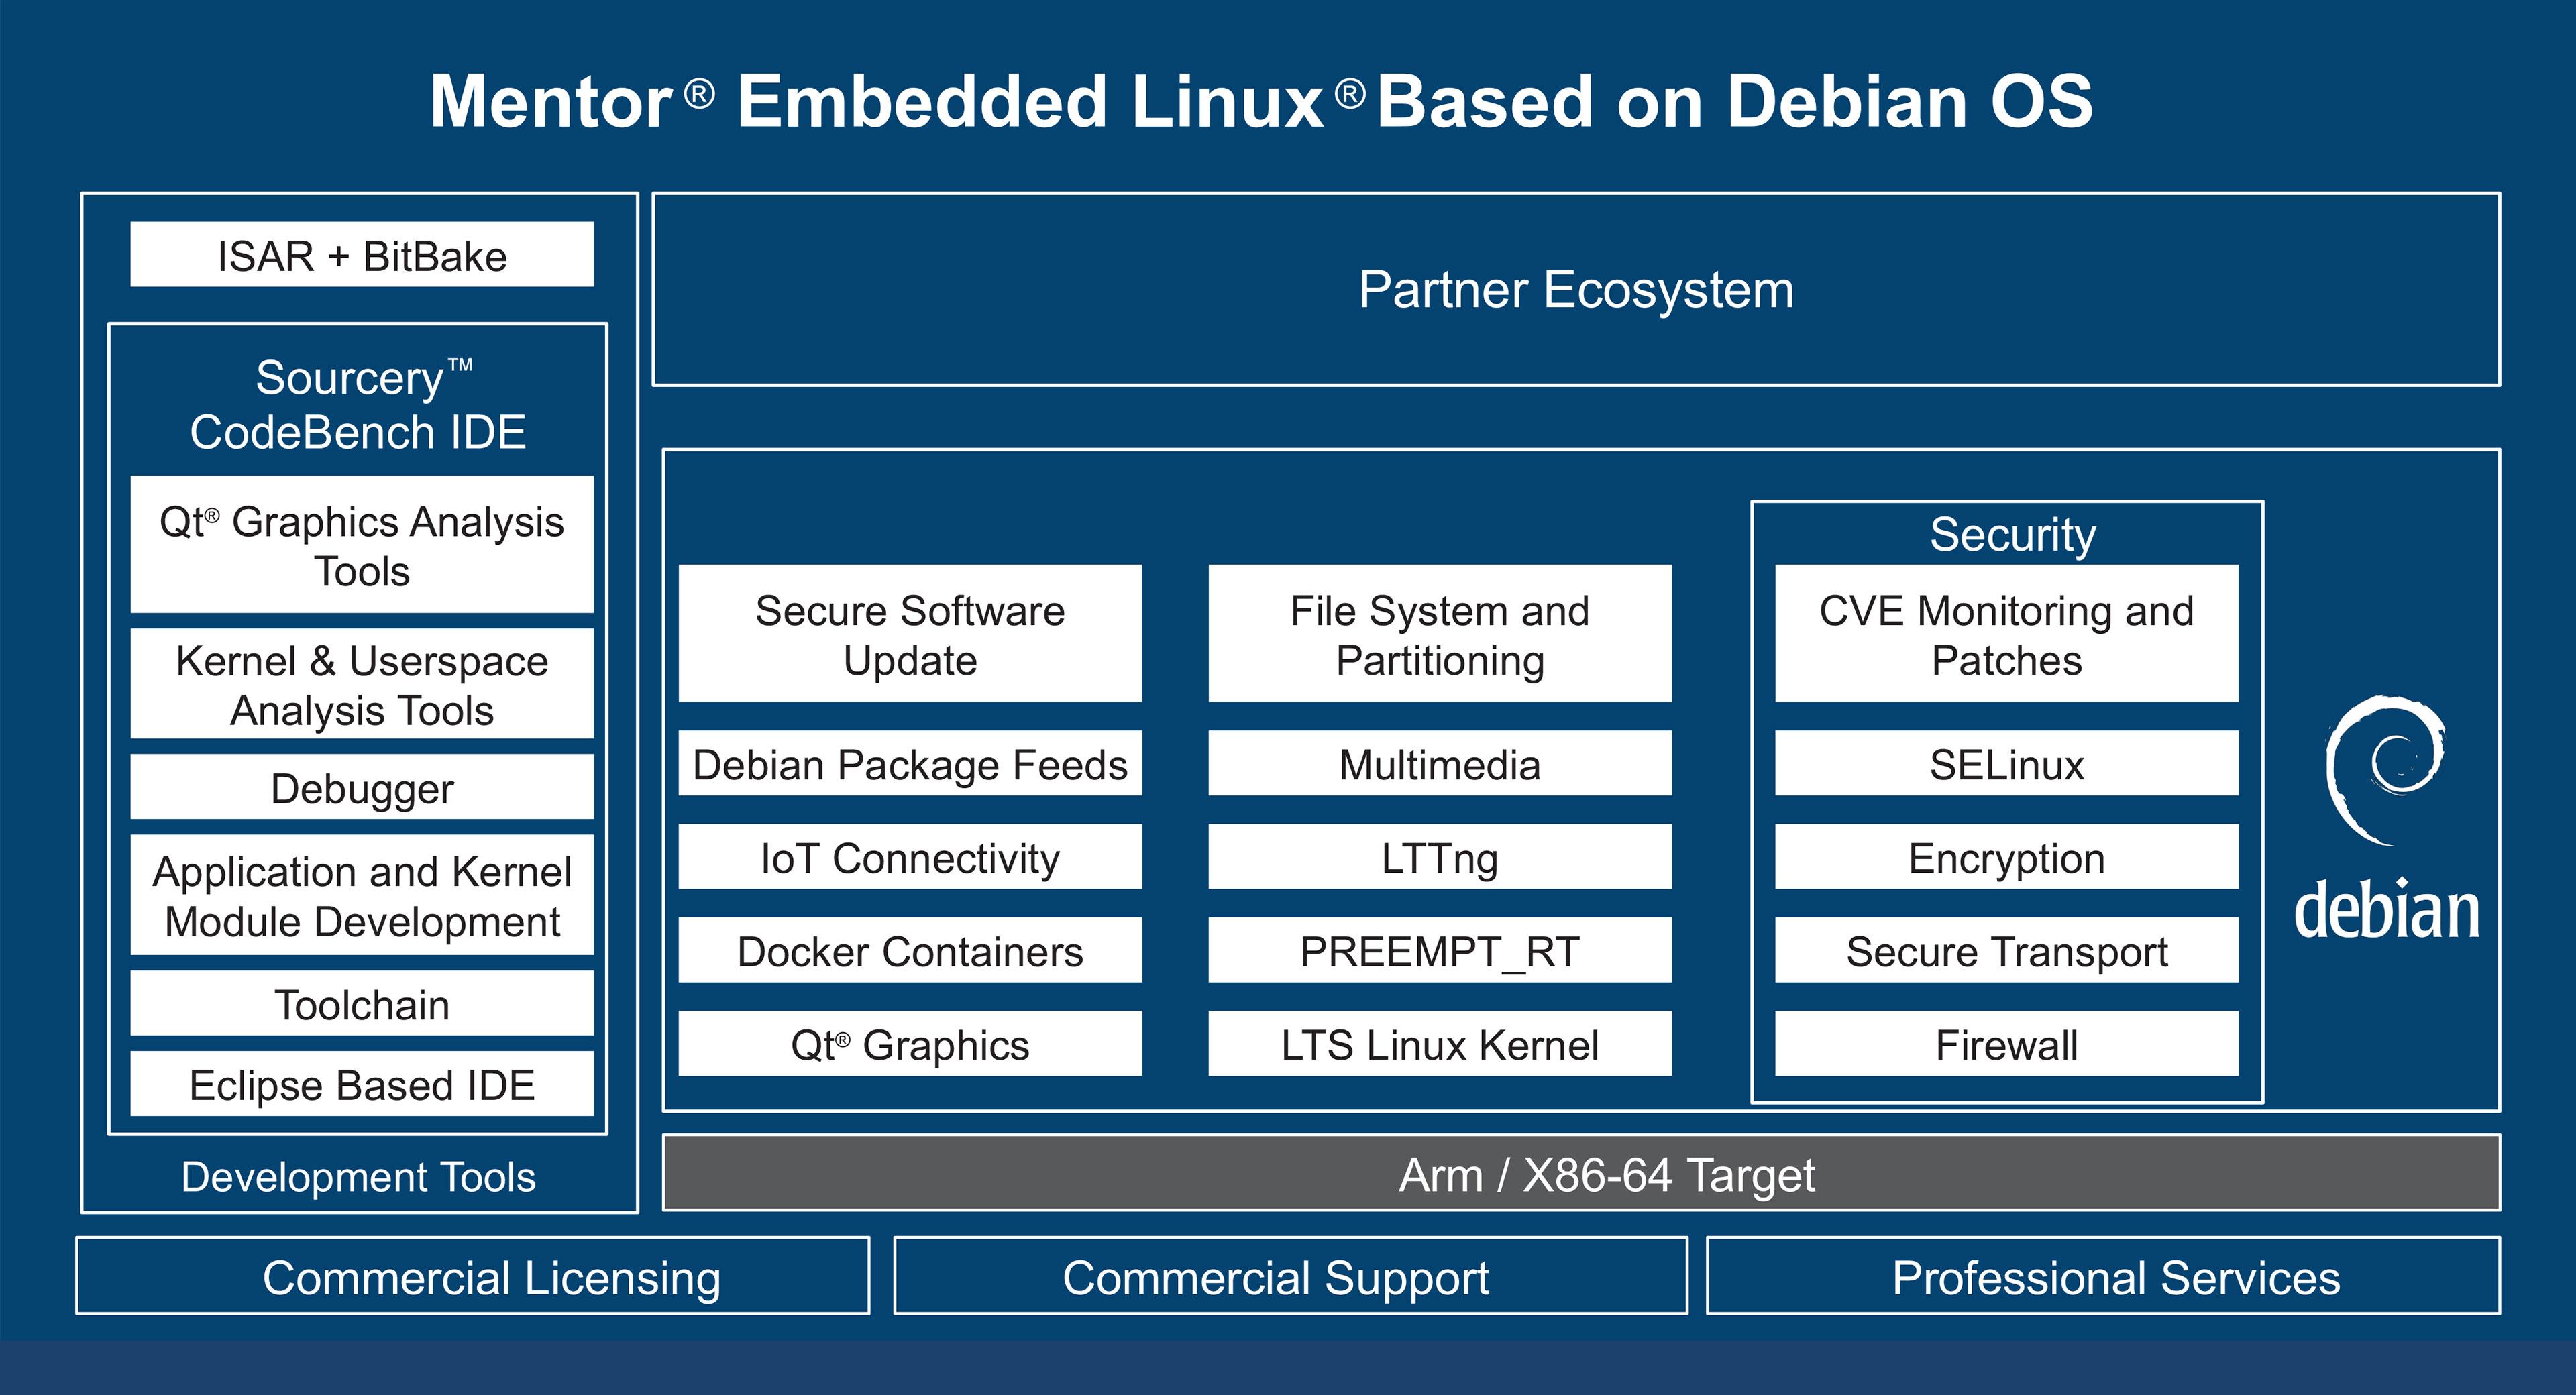 Mentor Embedded Linux targets enterprise-class demands